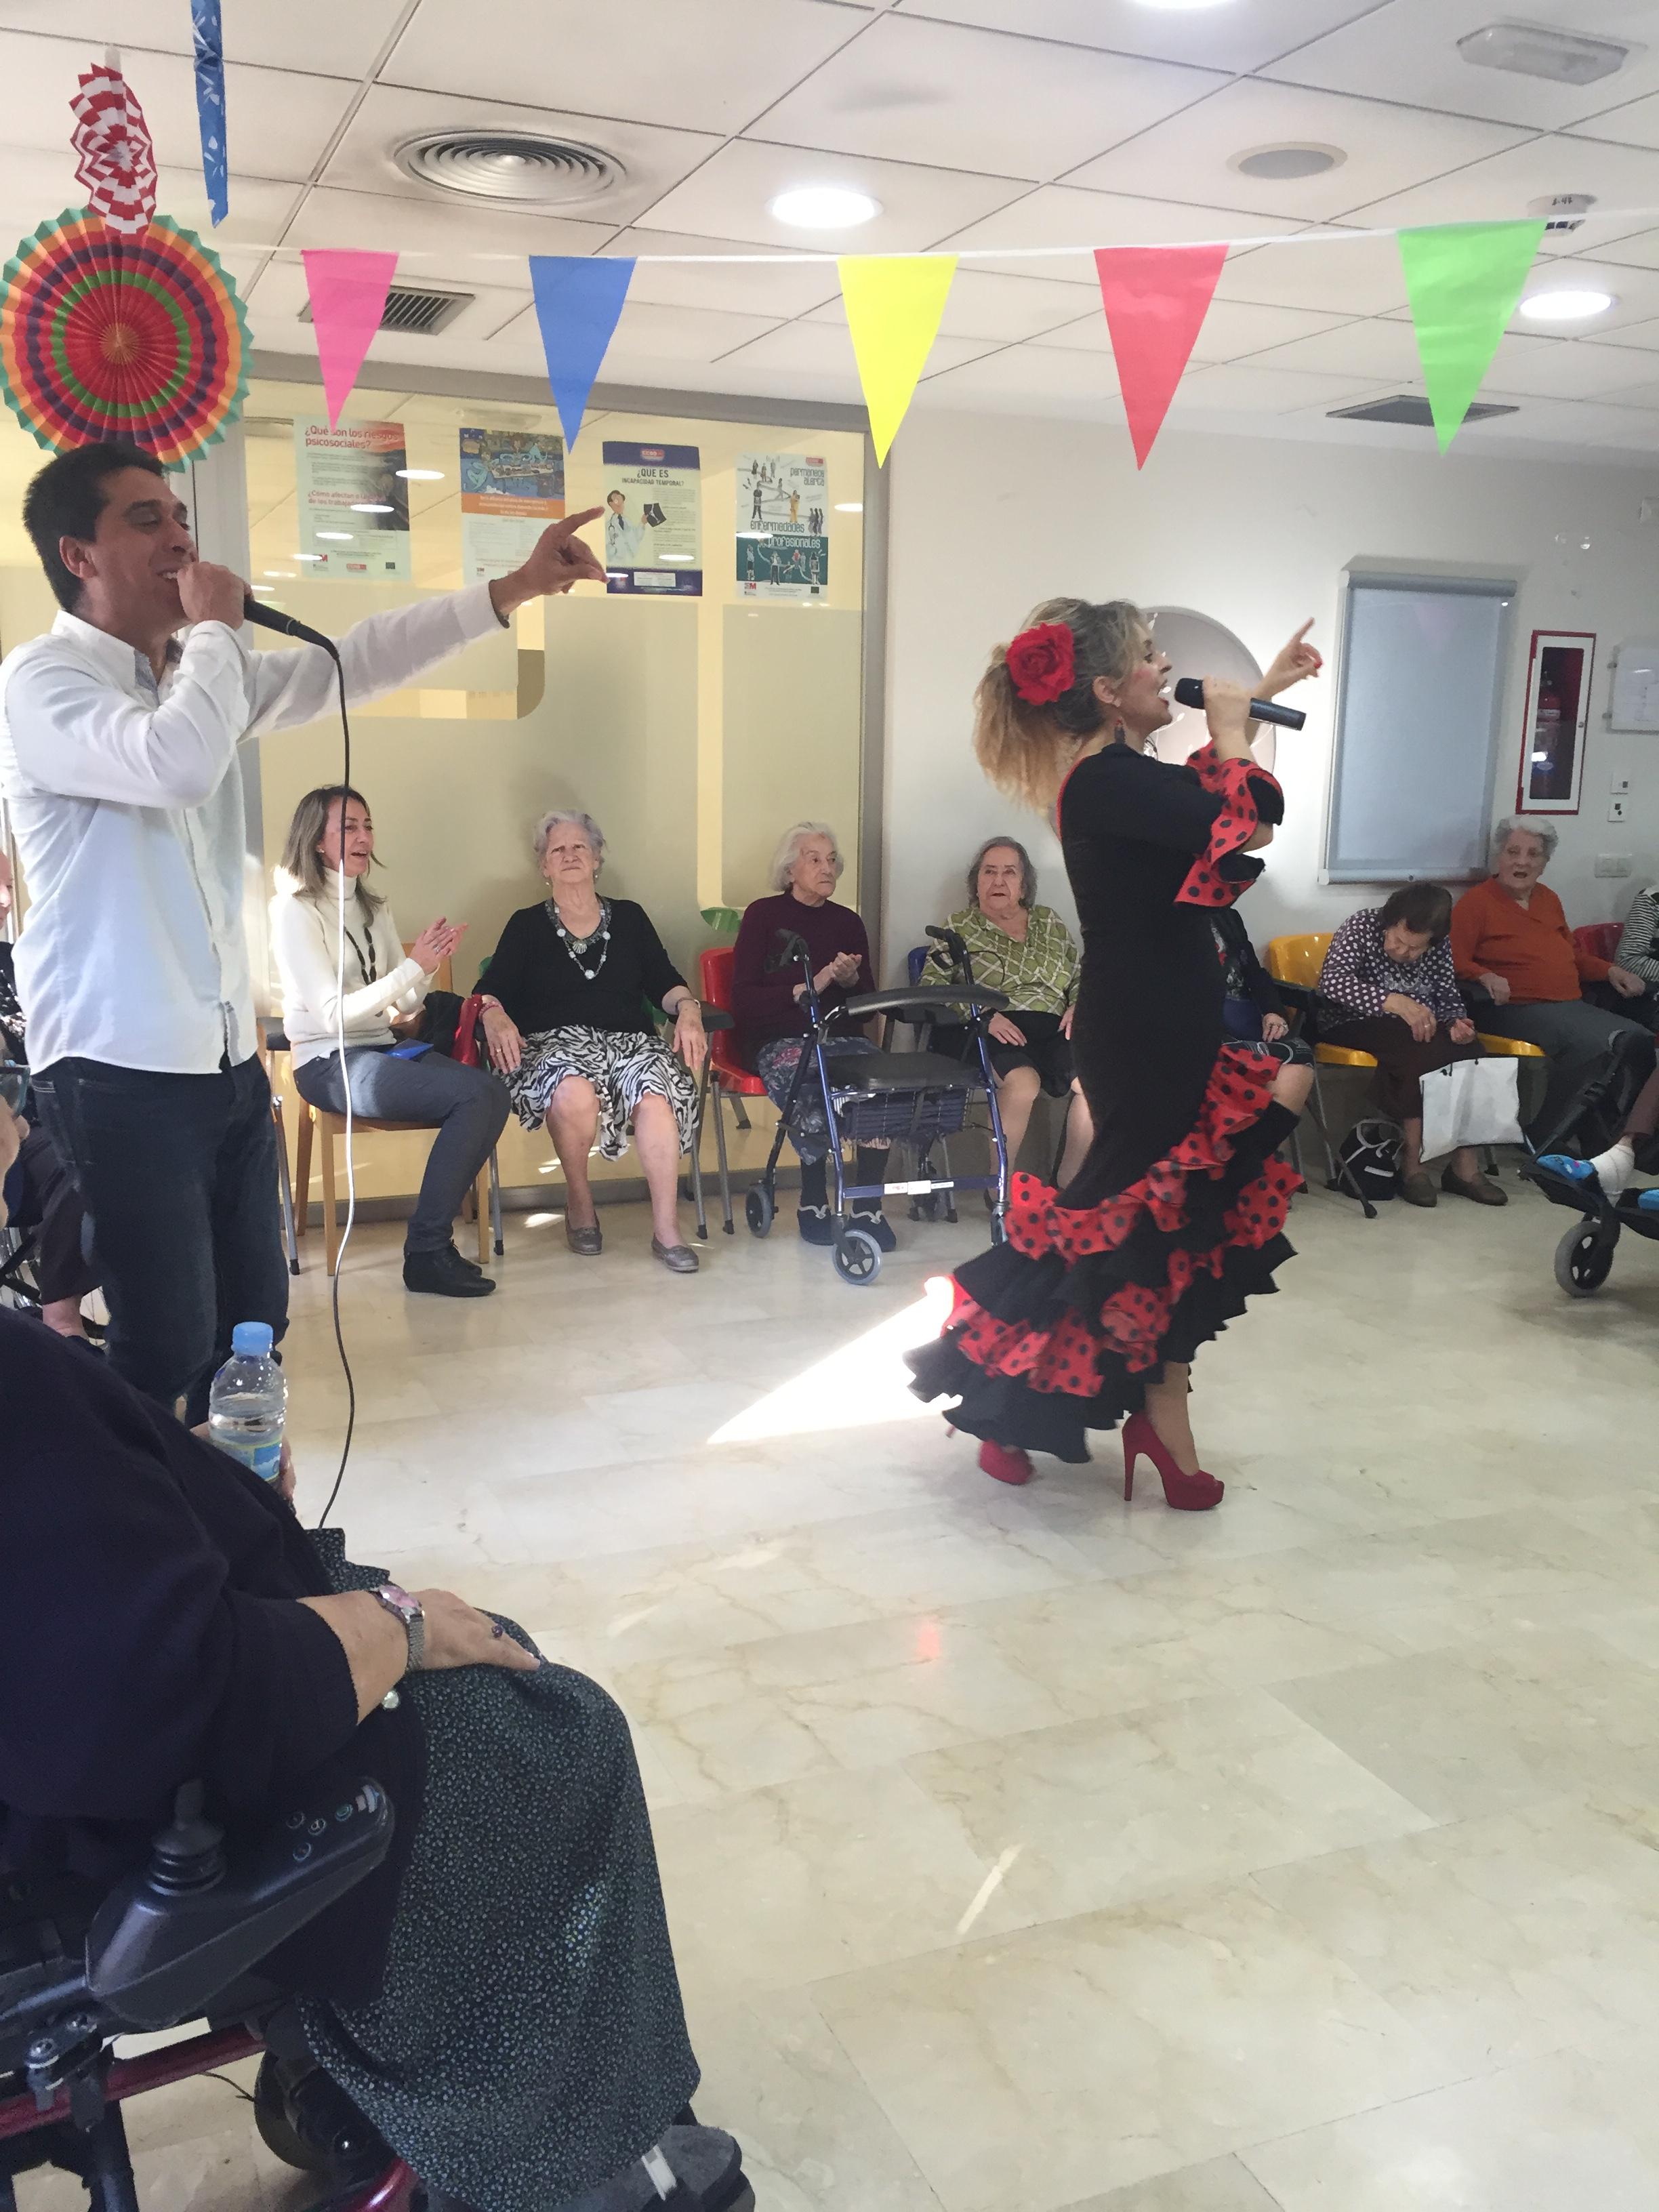 La artista Susana Moreno actúa en el Centro Rosalba de Sevilla la Nueva